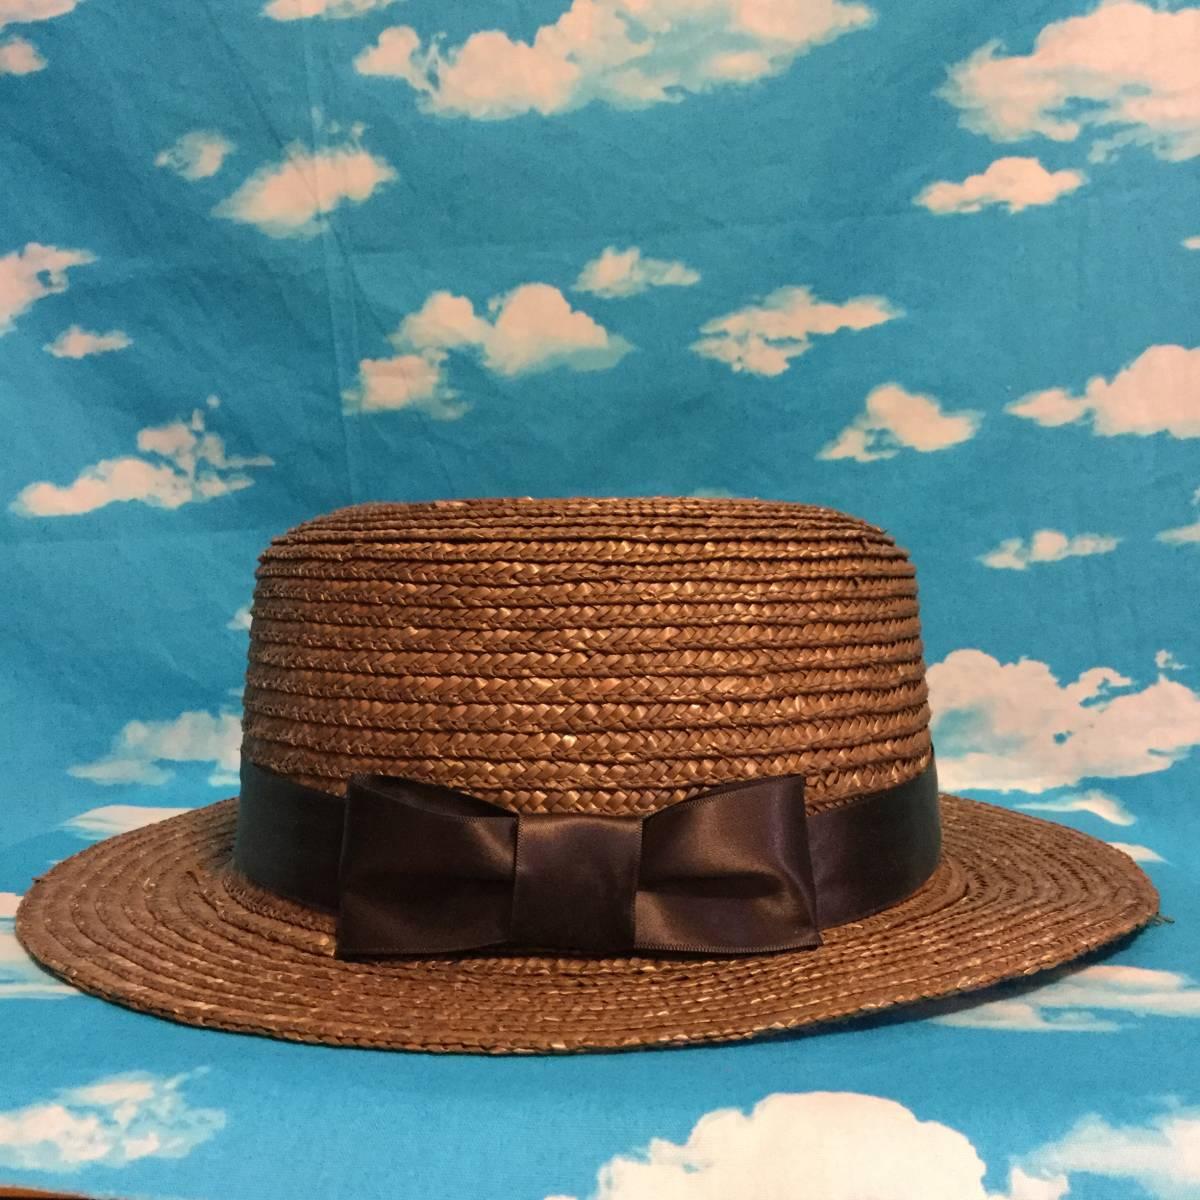 ■INGNI■カンカン帽 ブラウン茶■太めサテンリボン付き■大きめサイズ麦わら帽子麦藁カンカンハット■クラシカルロリータガーリーイング■_画像5